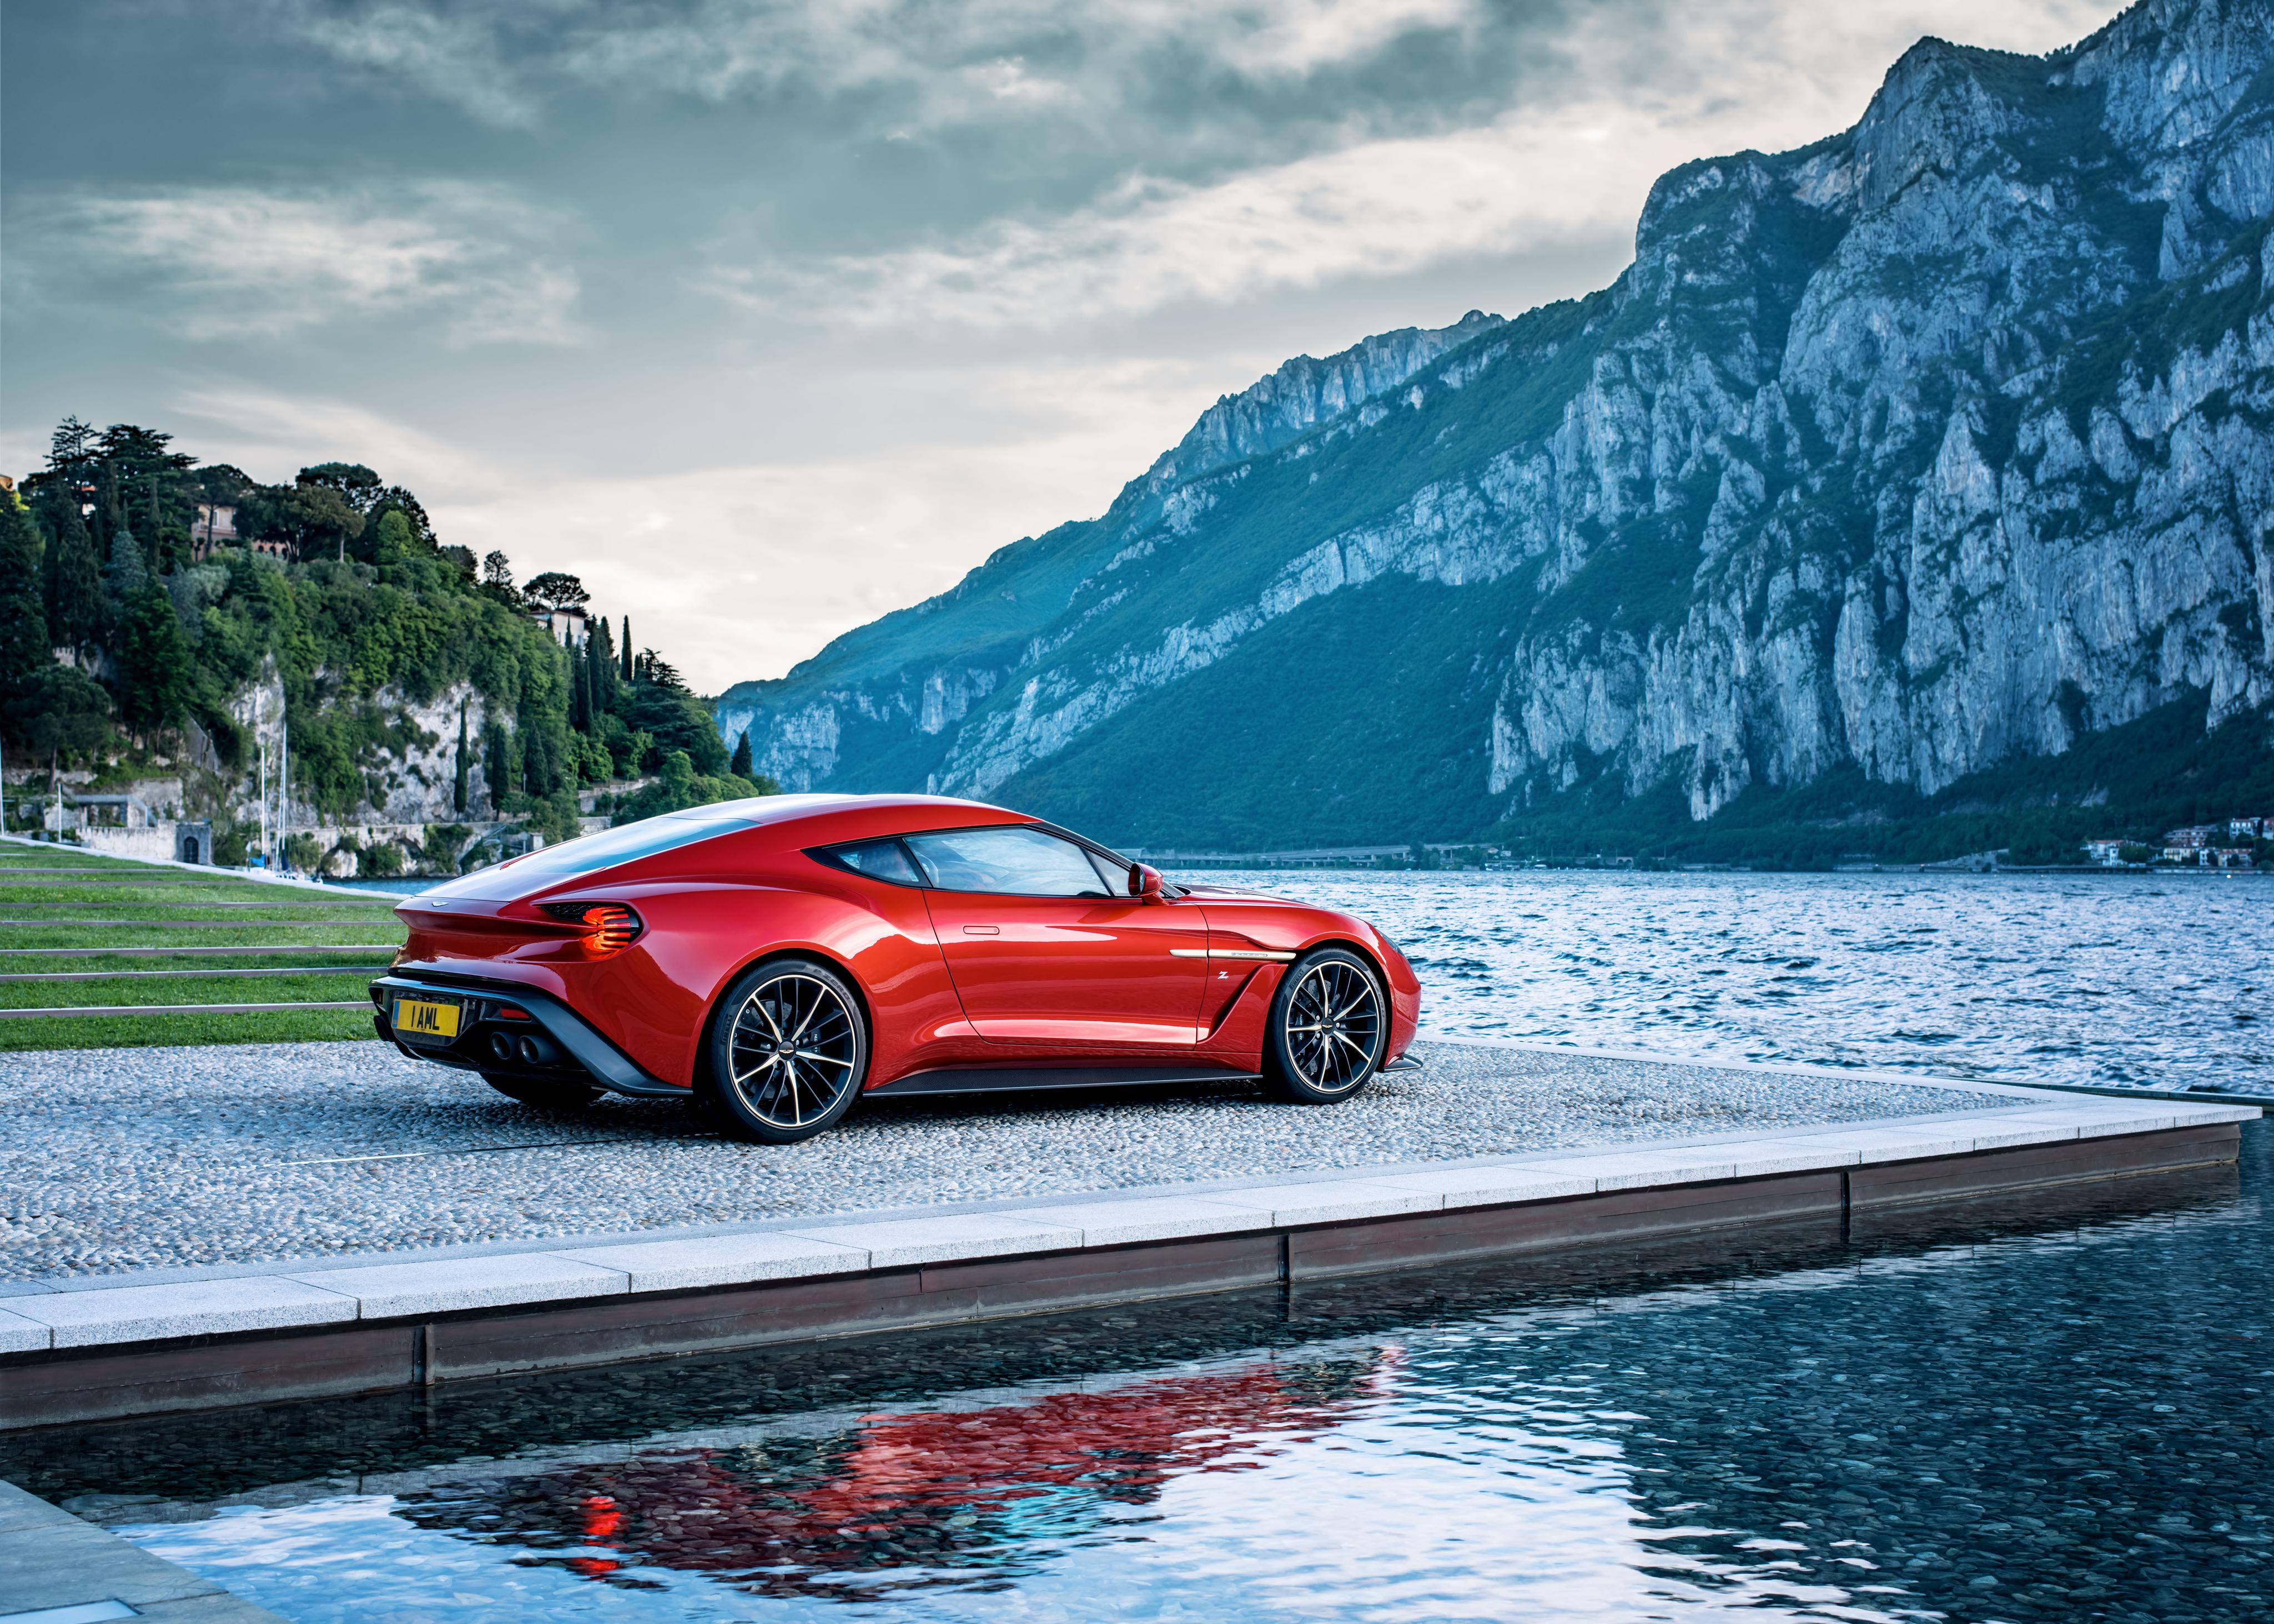 109691 скачать обои Астон Мартин (Aston Martin), Горы, Тачки (Cars), Озеро, Красный, Вид Сбоку, Vanquish - заставки и картинки бесплатно